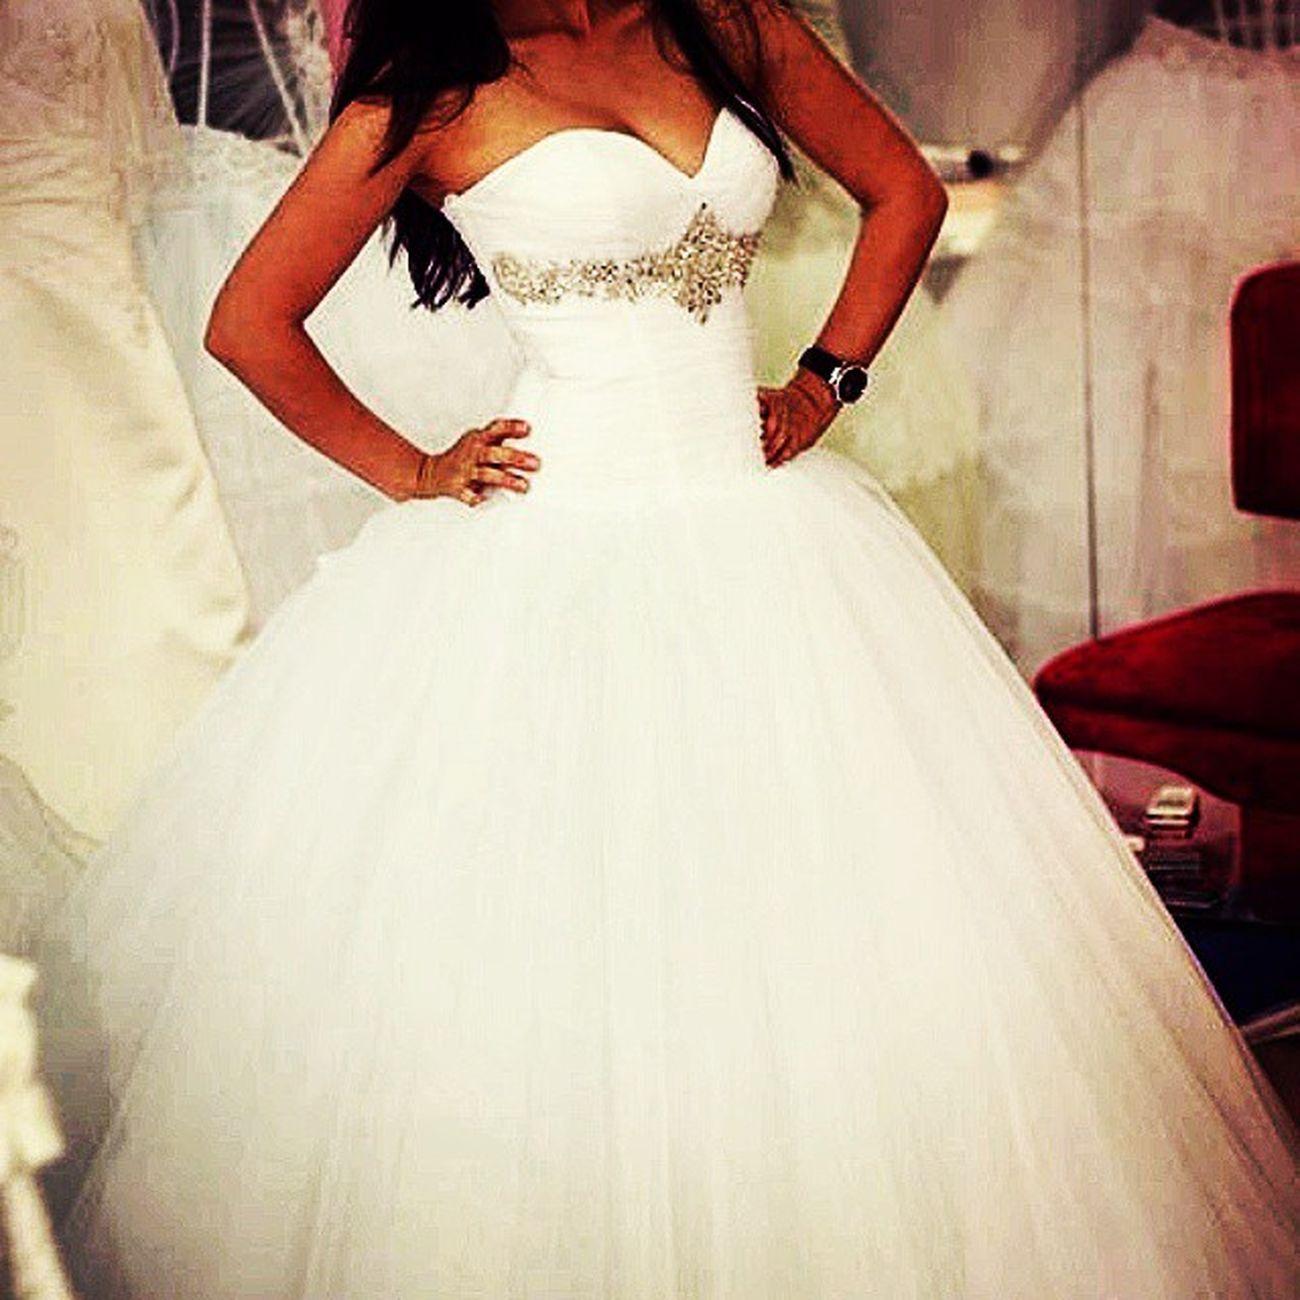 свадебное_платье Одежда Wedding Dress Dress Gown Clothes Clothing Frock платье